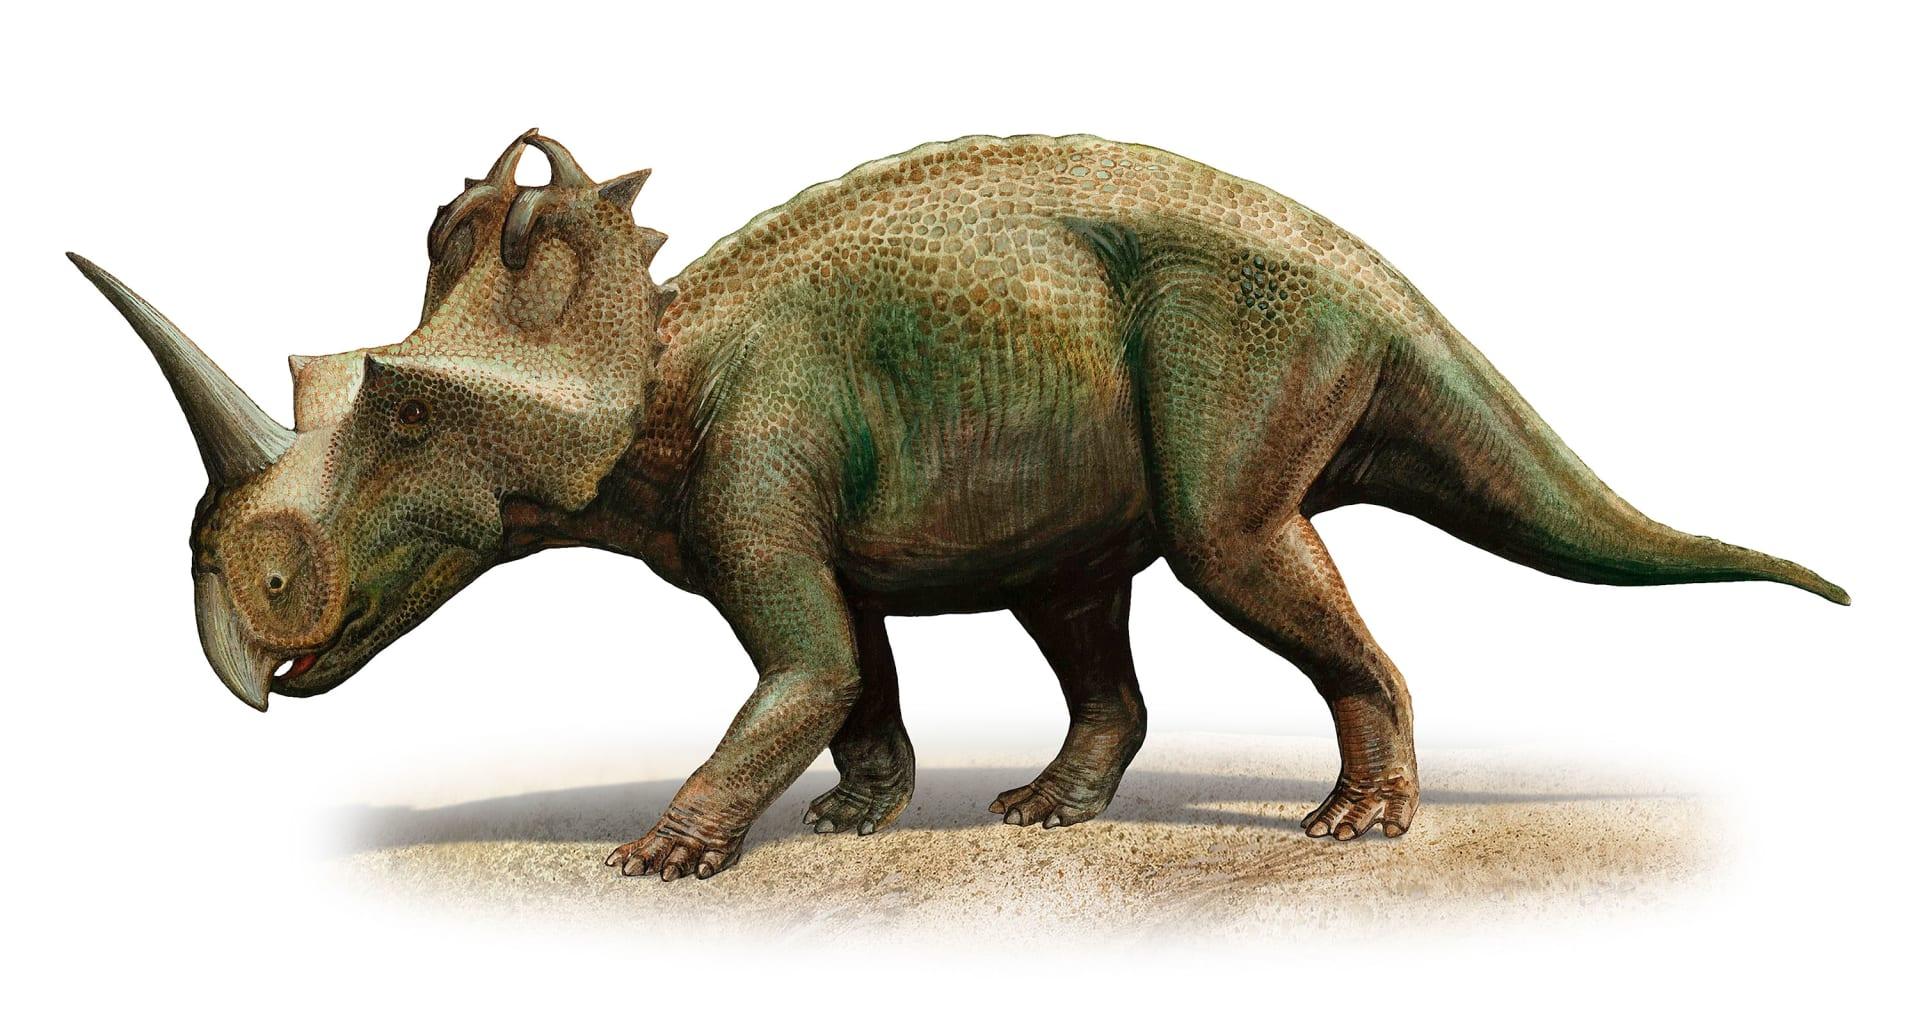 لأول مرة.. تشخيص ديناصور بسرطان يؤثر في البشر الآن